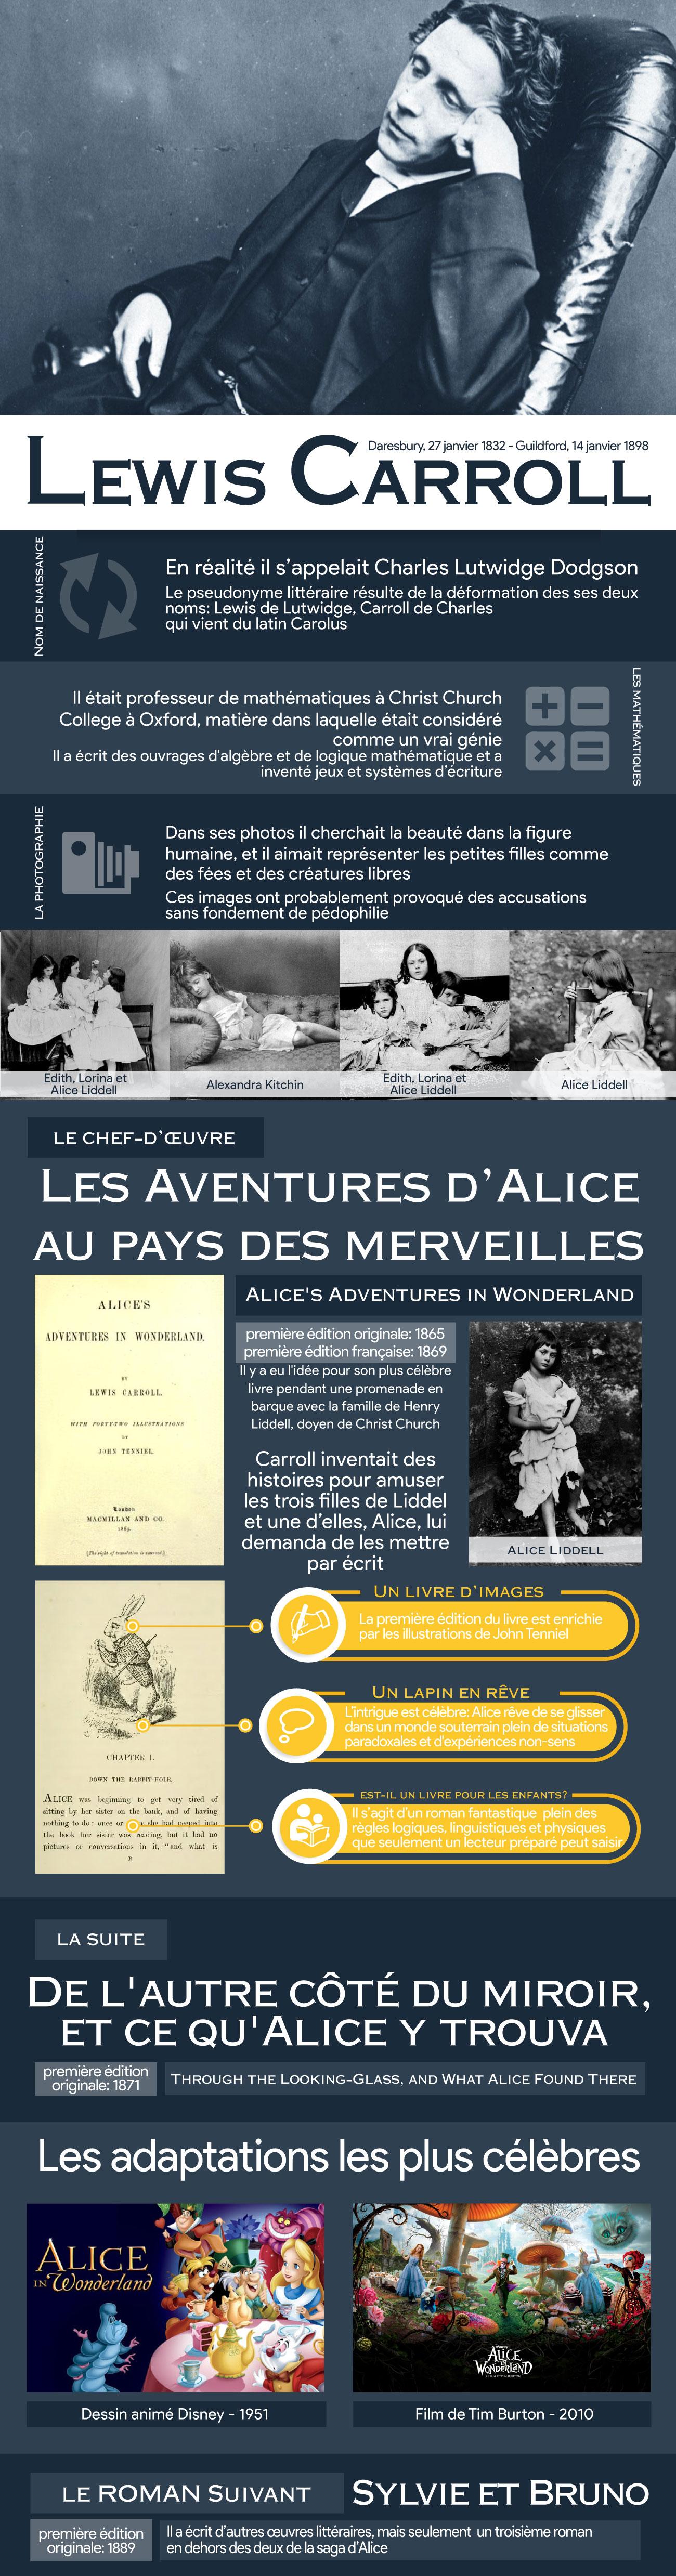 LEWIS-CARROLL.fr